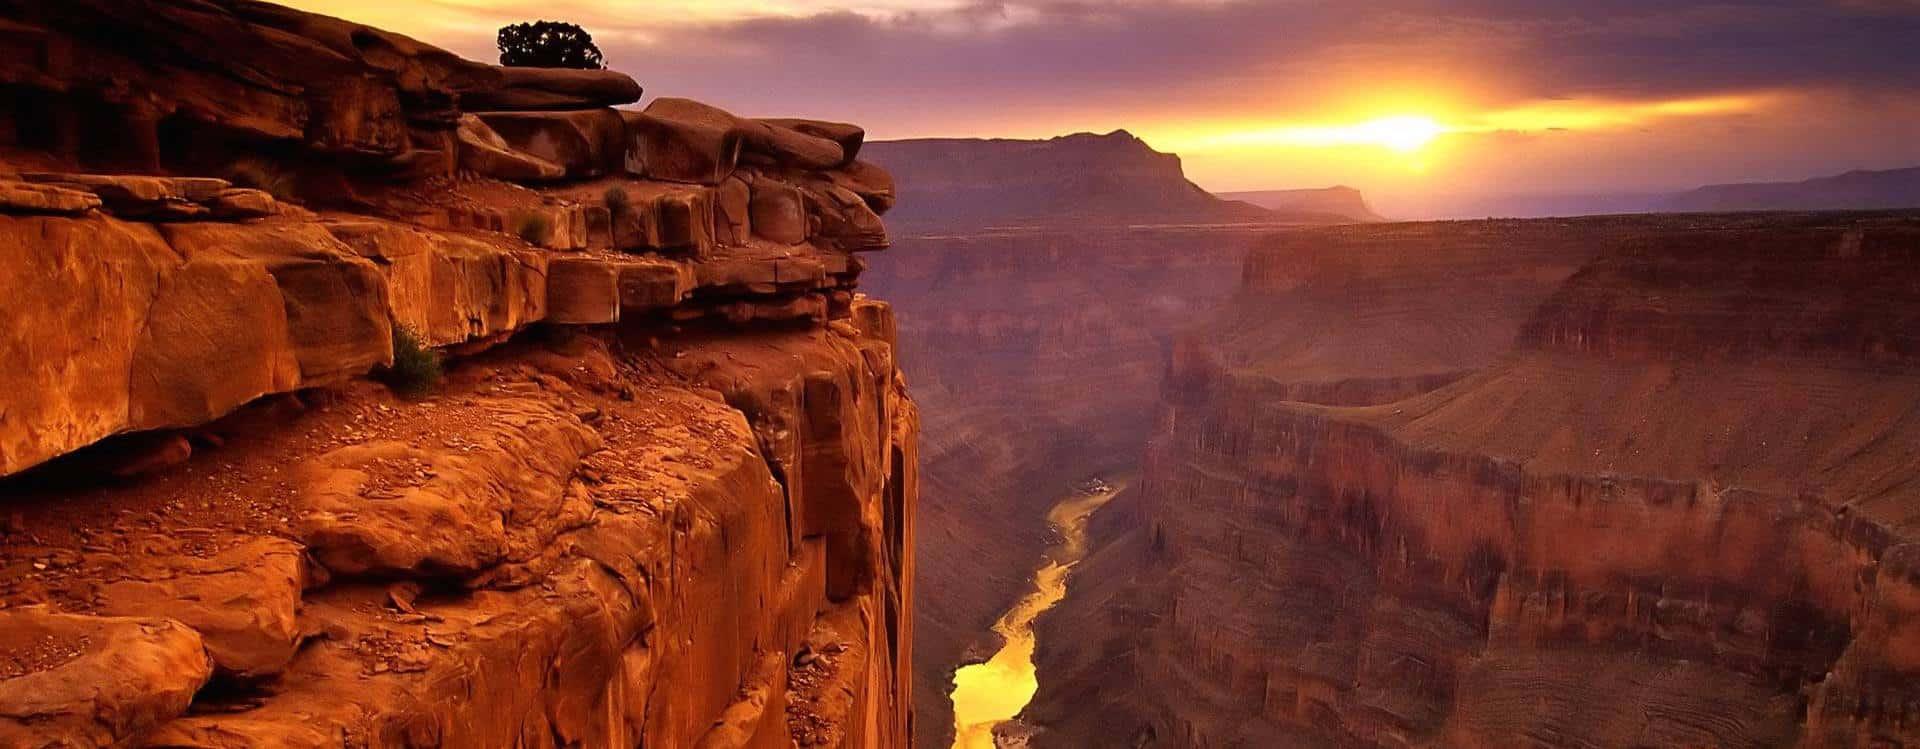 Descubri como sera la tierra en mil millones de años!